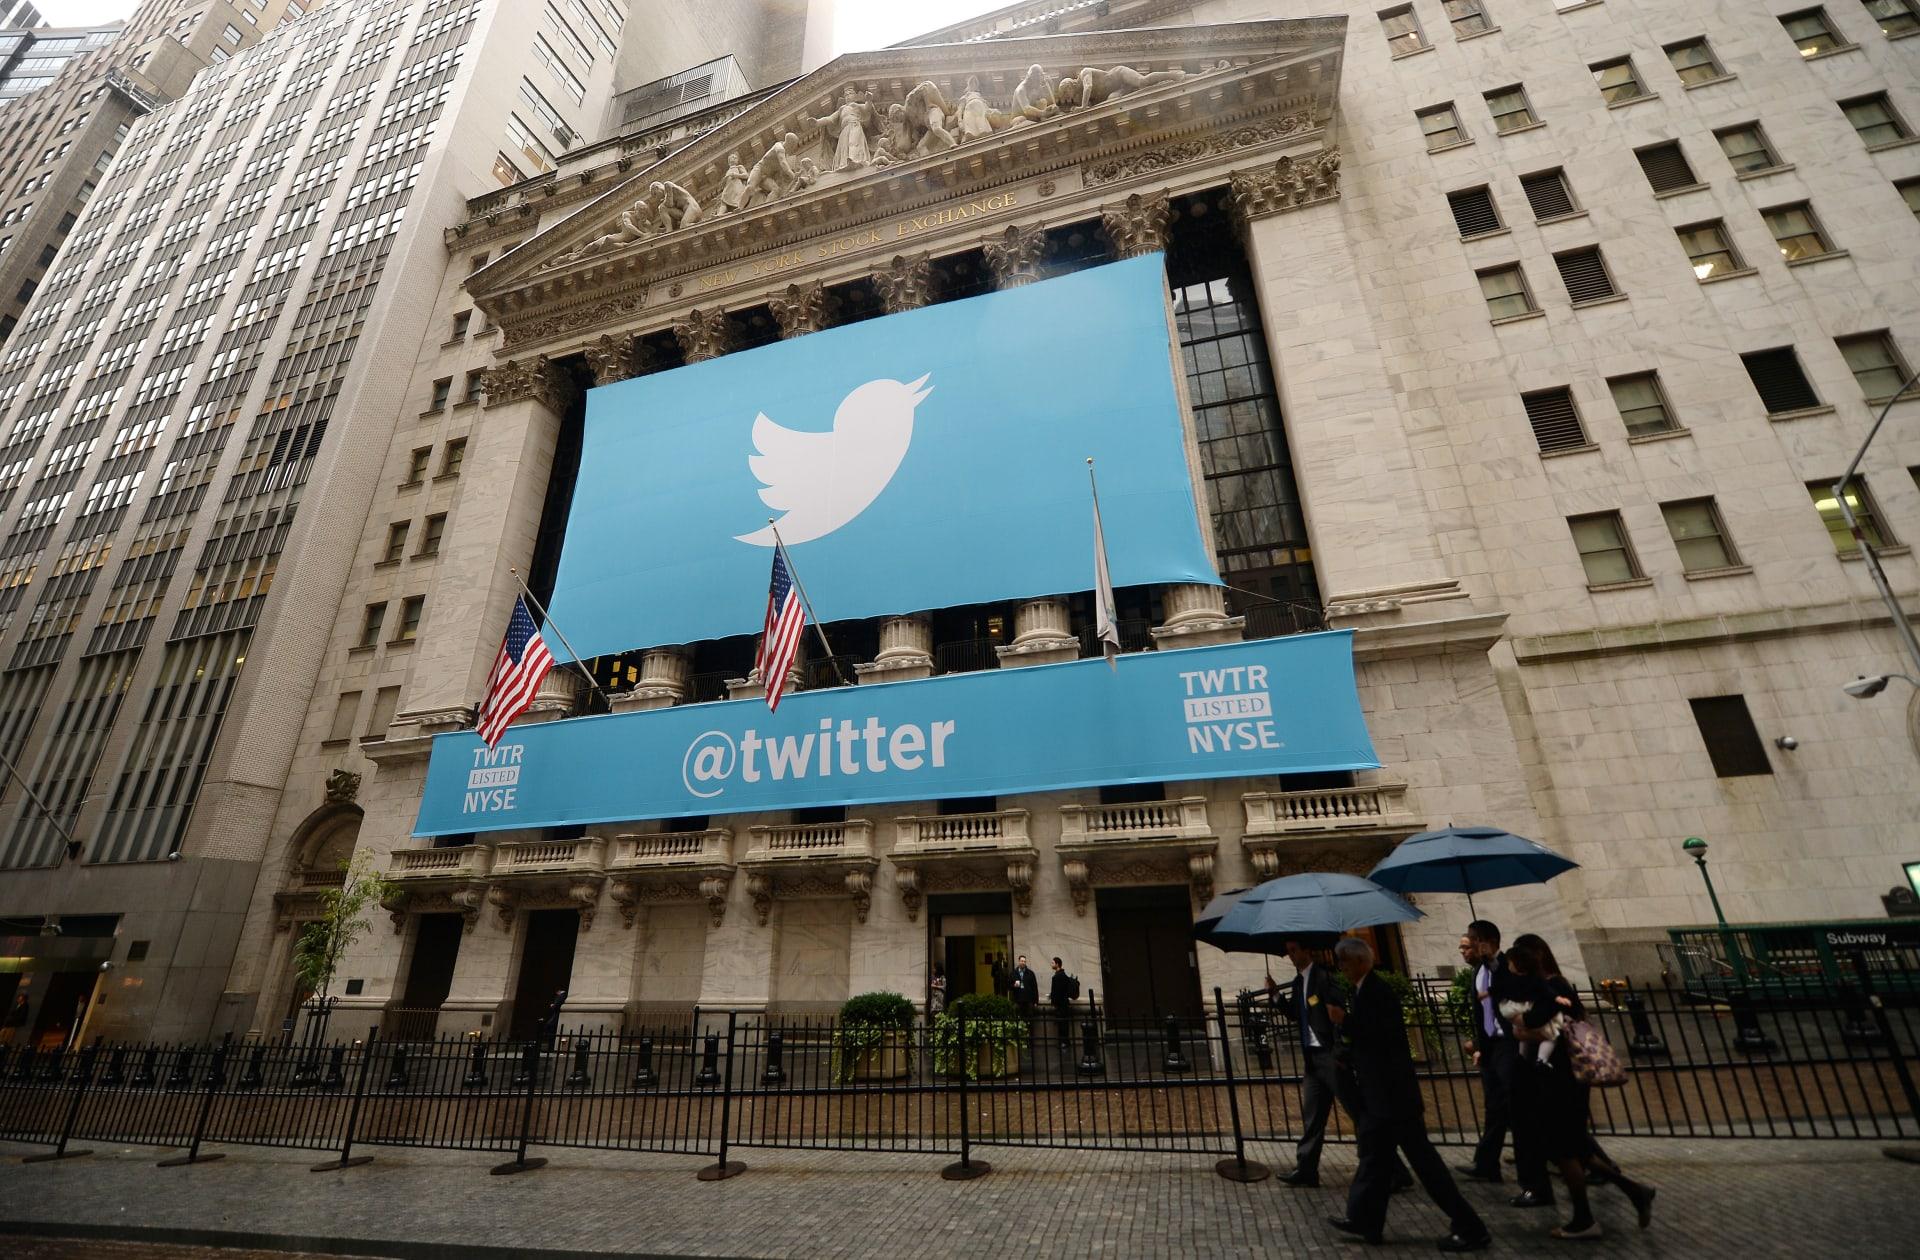 لافتة تحمل شعار موقع التدوينات القصيرة تويتر في بورصة الأوراق المالية في نيويورك